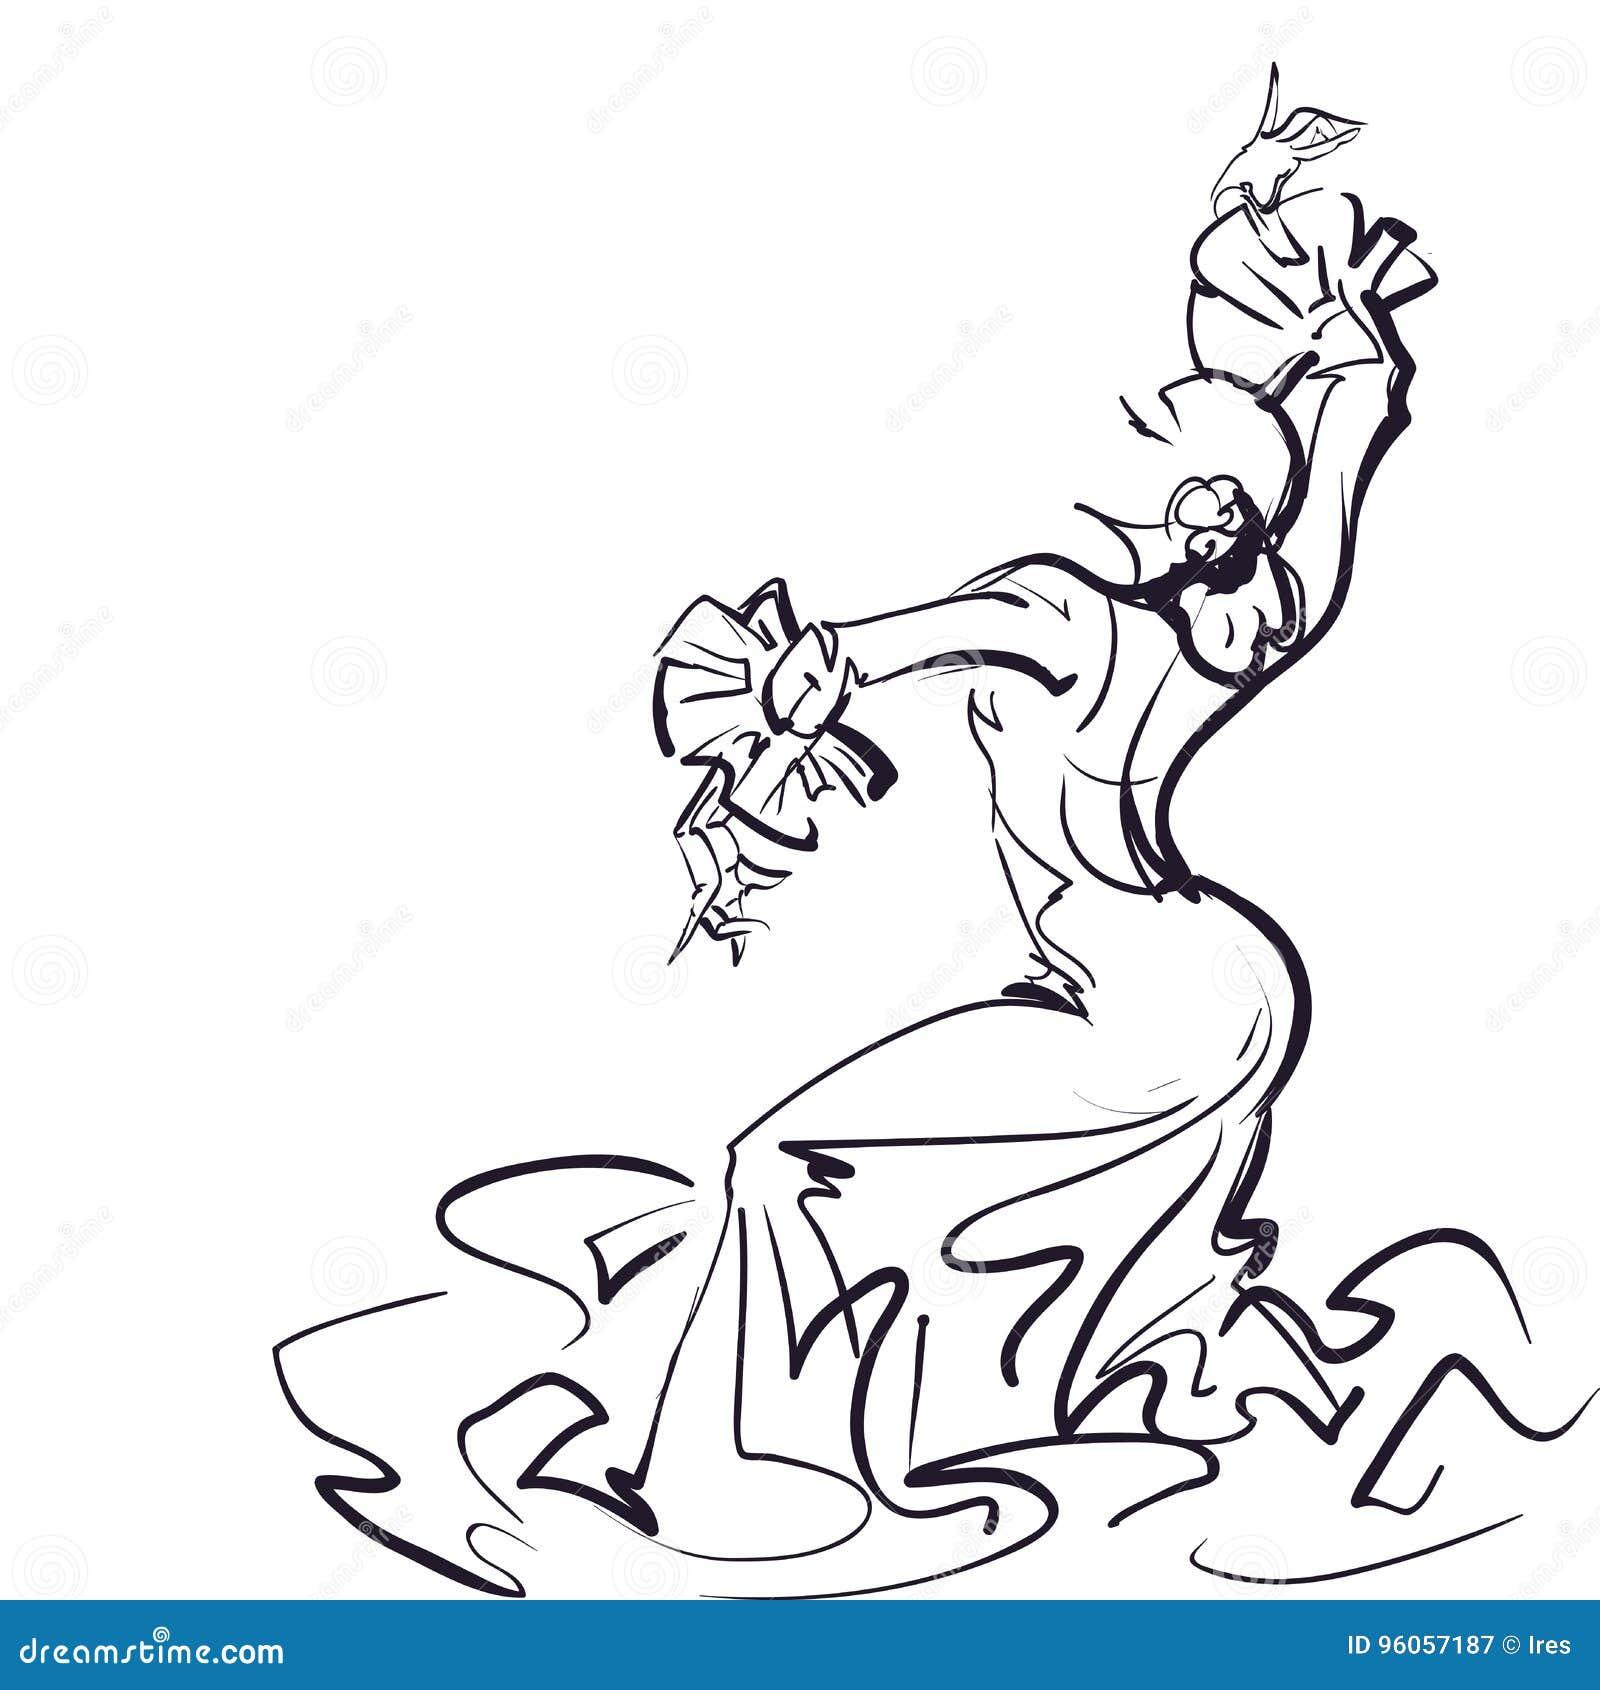 Danseur de flamenco dans la pose impressionnante expressive